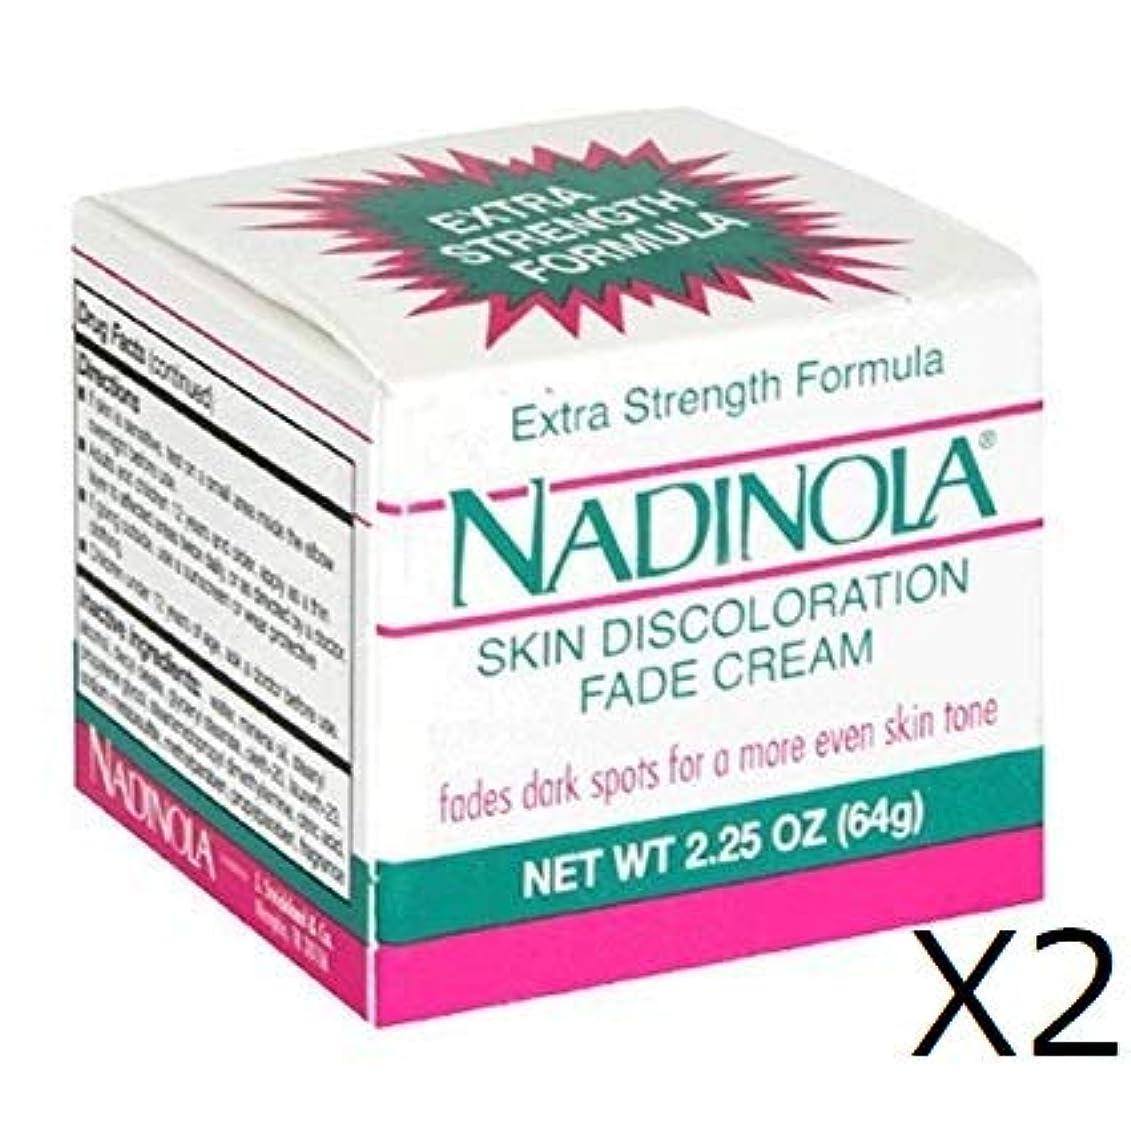 土器無声で息を切らしてNadinola Discoloration Fade Cream 2.25oz Extra Strength (64gX2個)